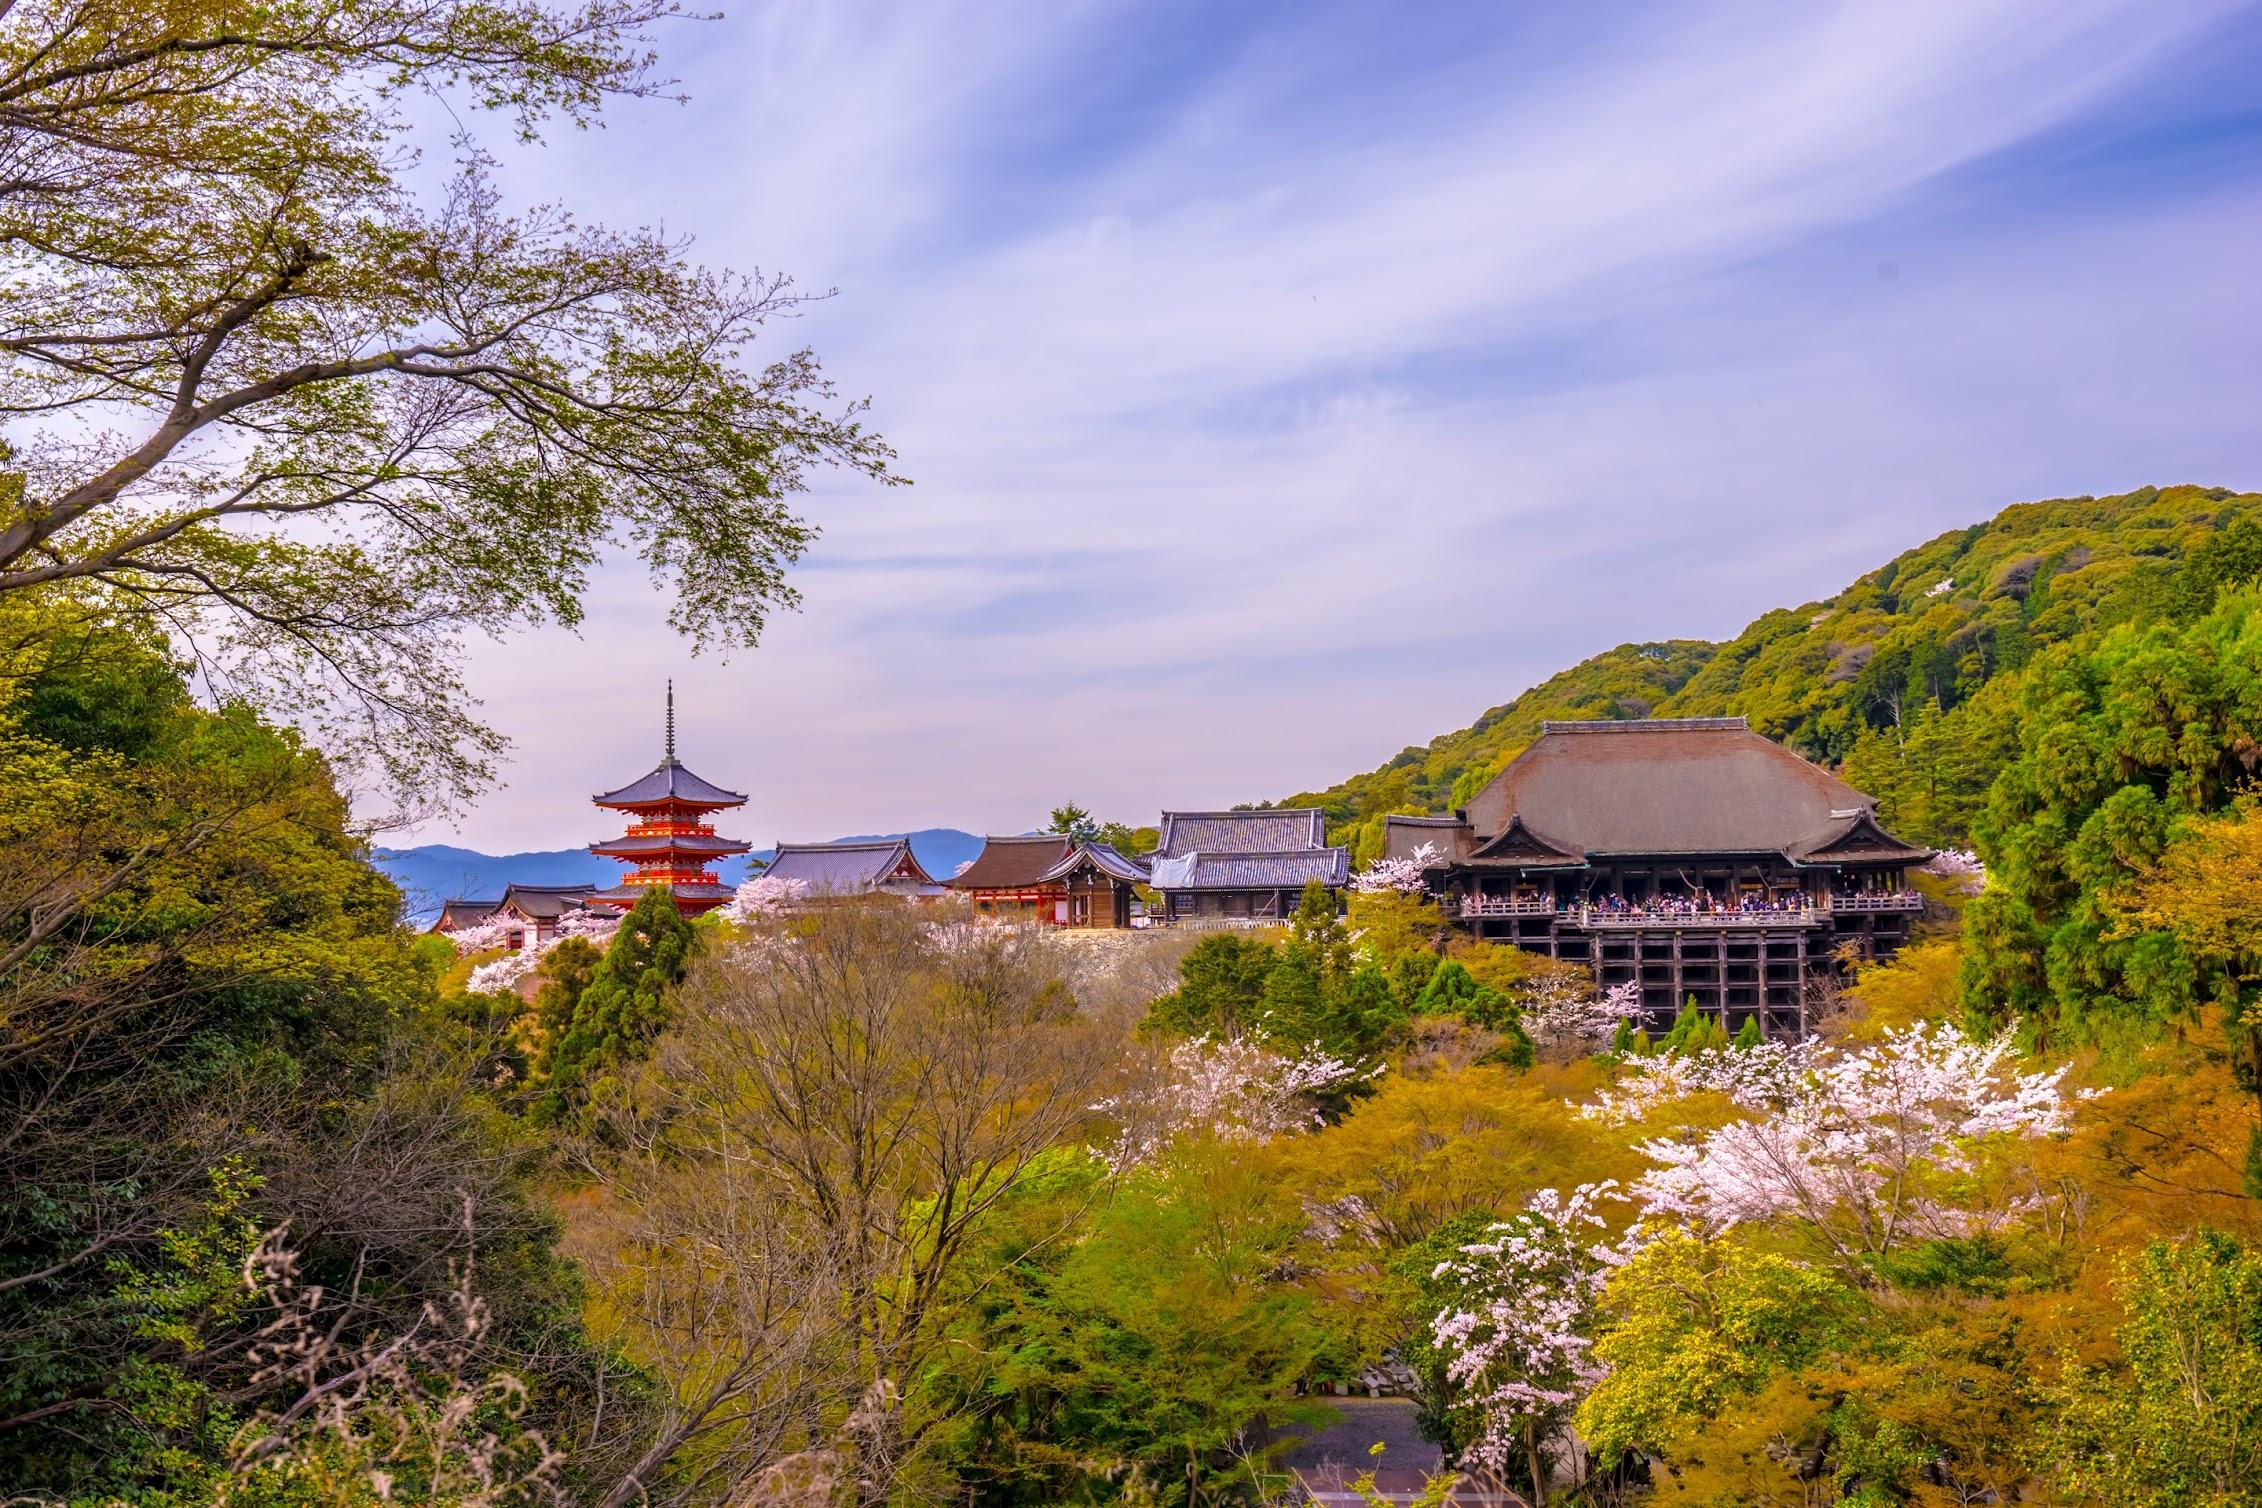 京都 清水寺 本堂 舞台 三重塔2